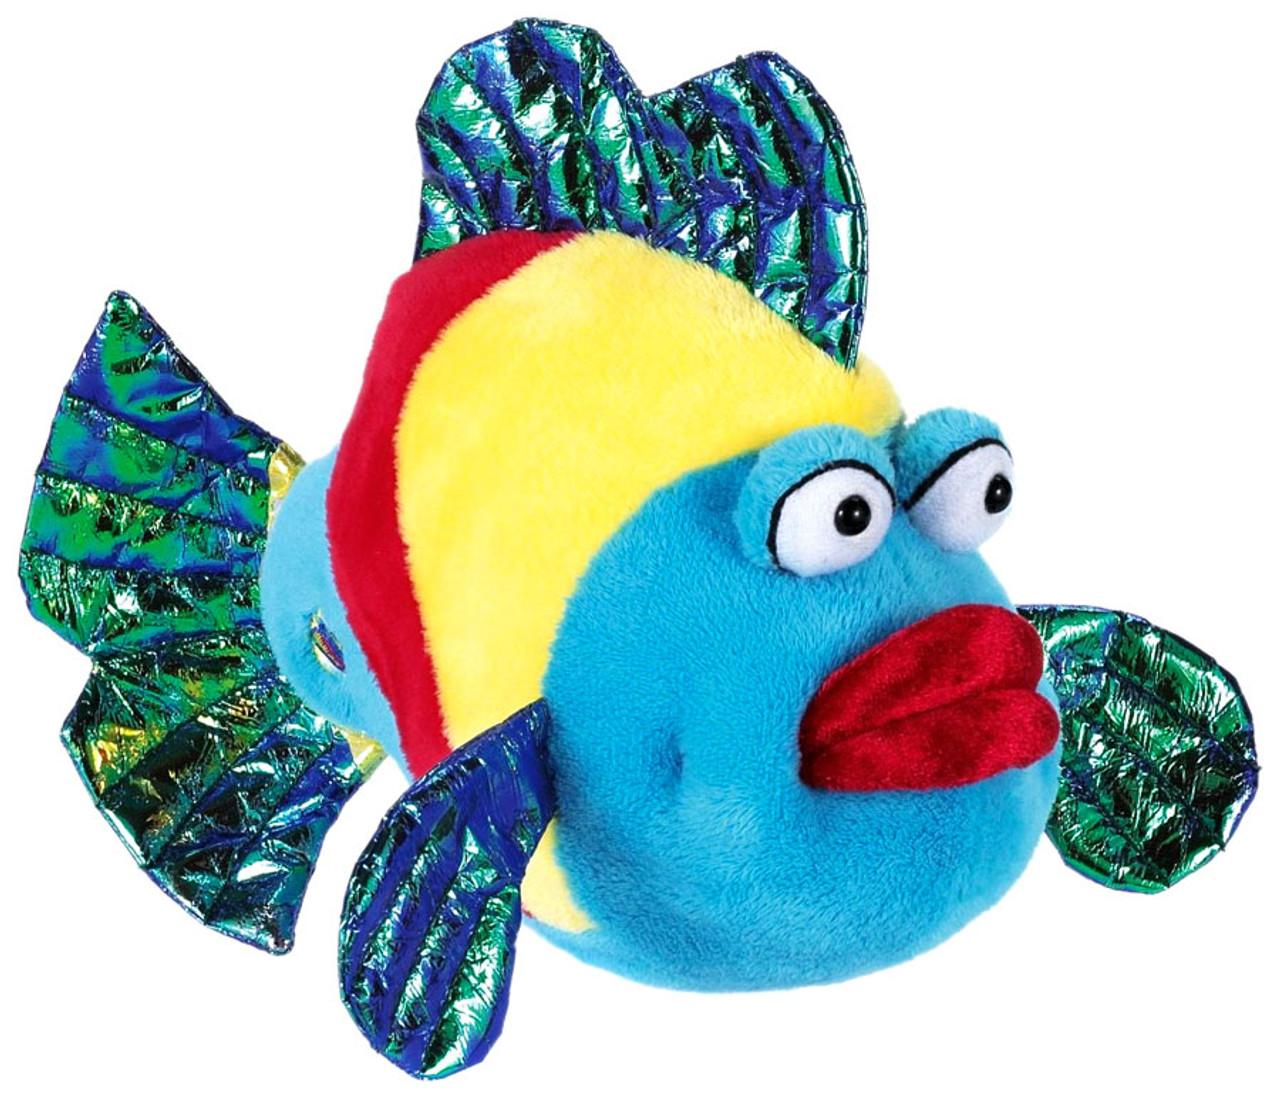 Webkinz Pucker Fish Plush